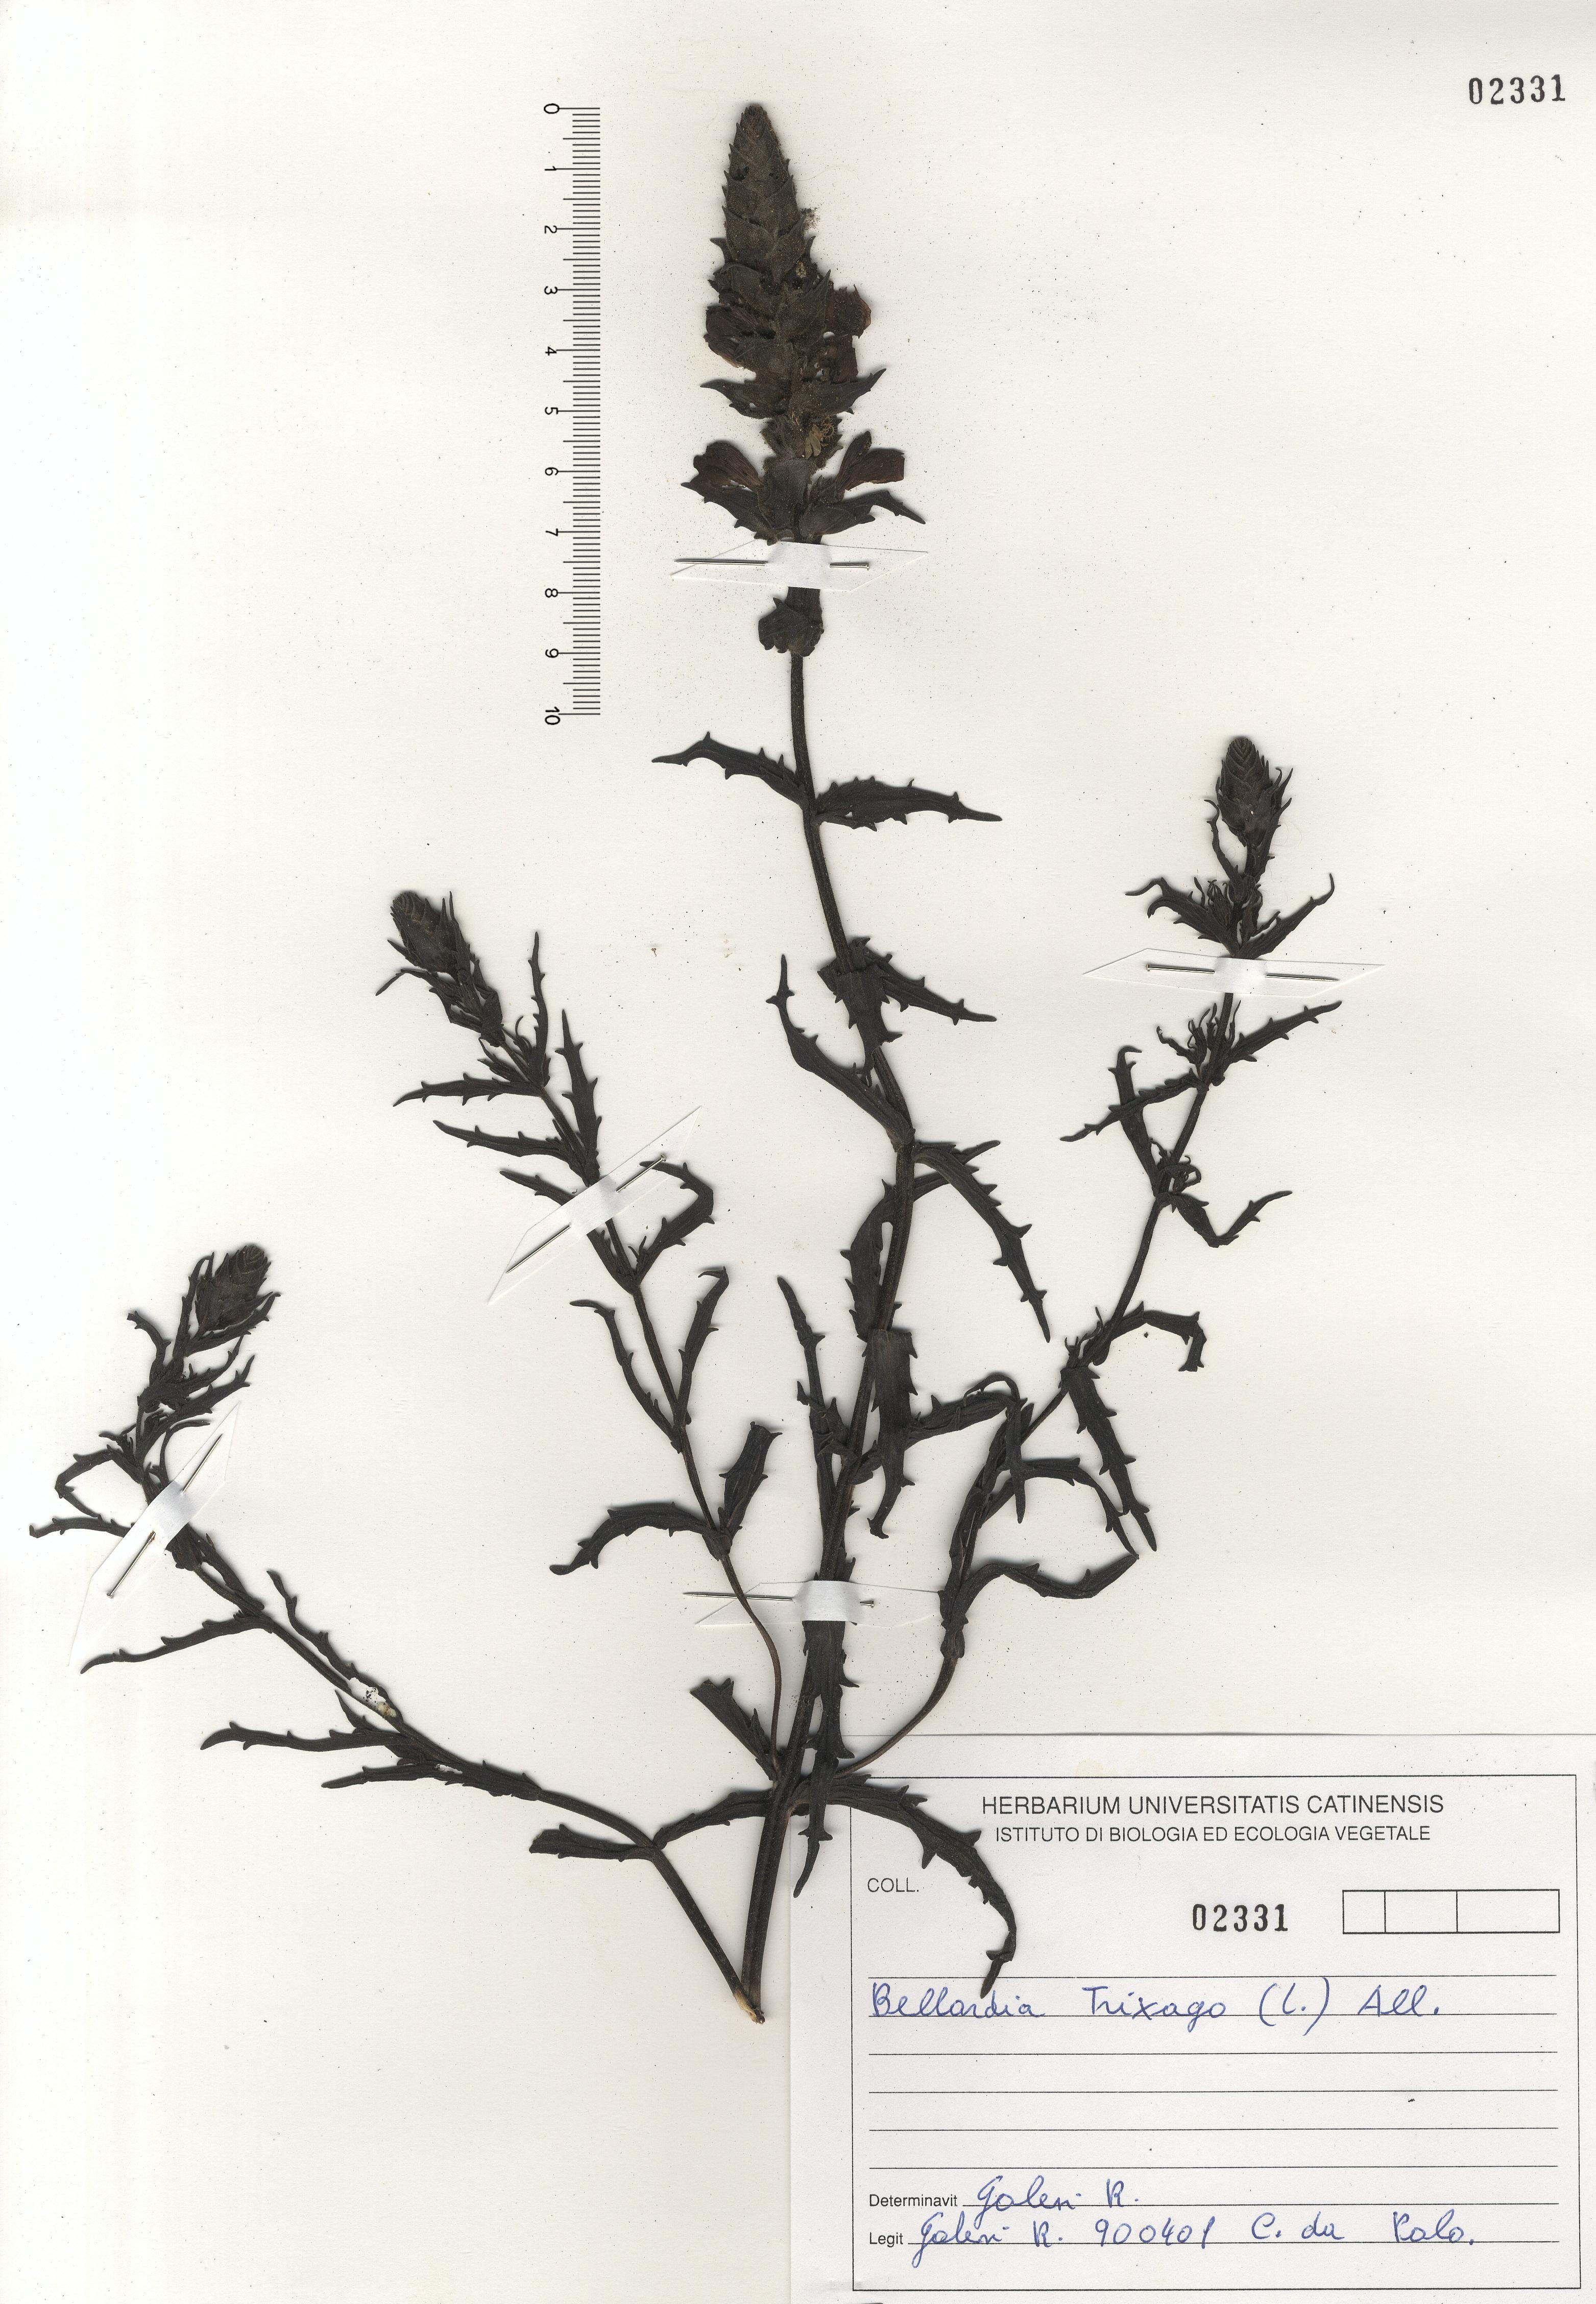 © Hortus Botanicus Catinensis - Herb. sheet 102331<br>